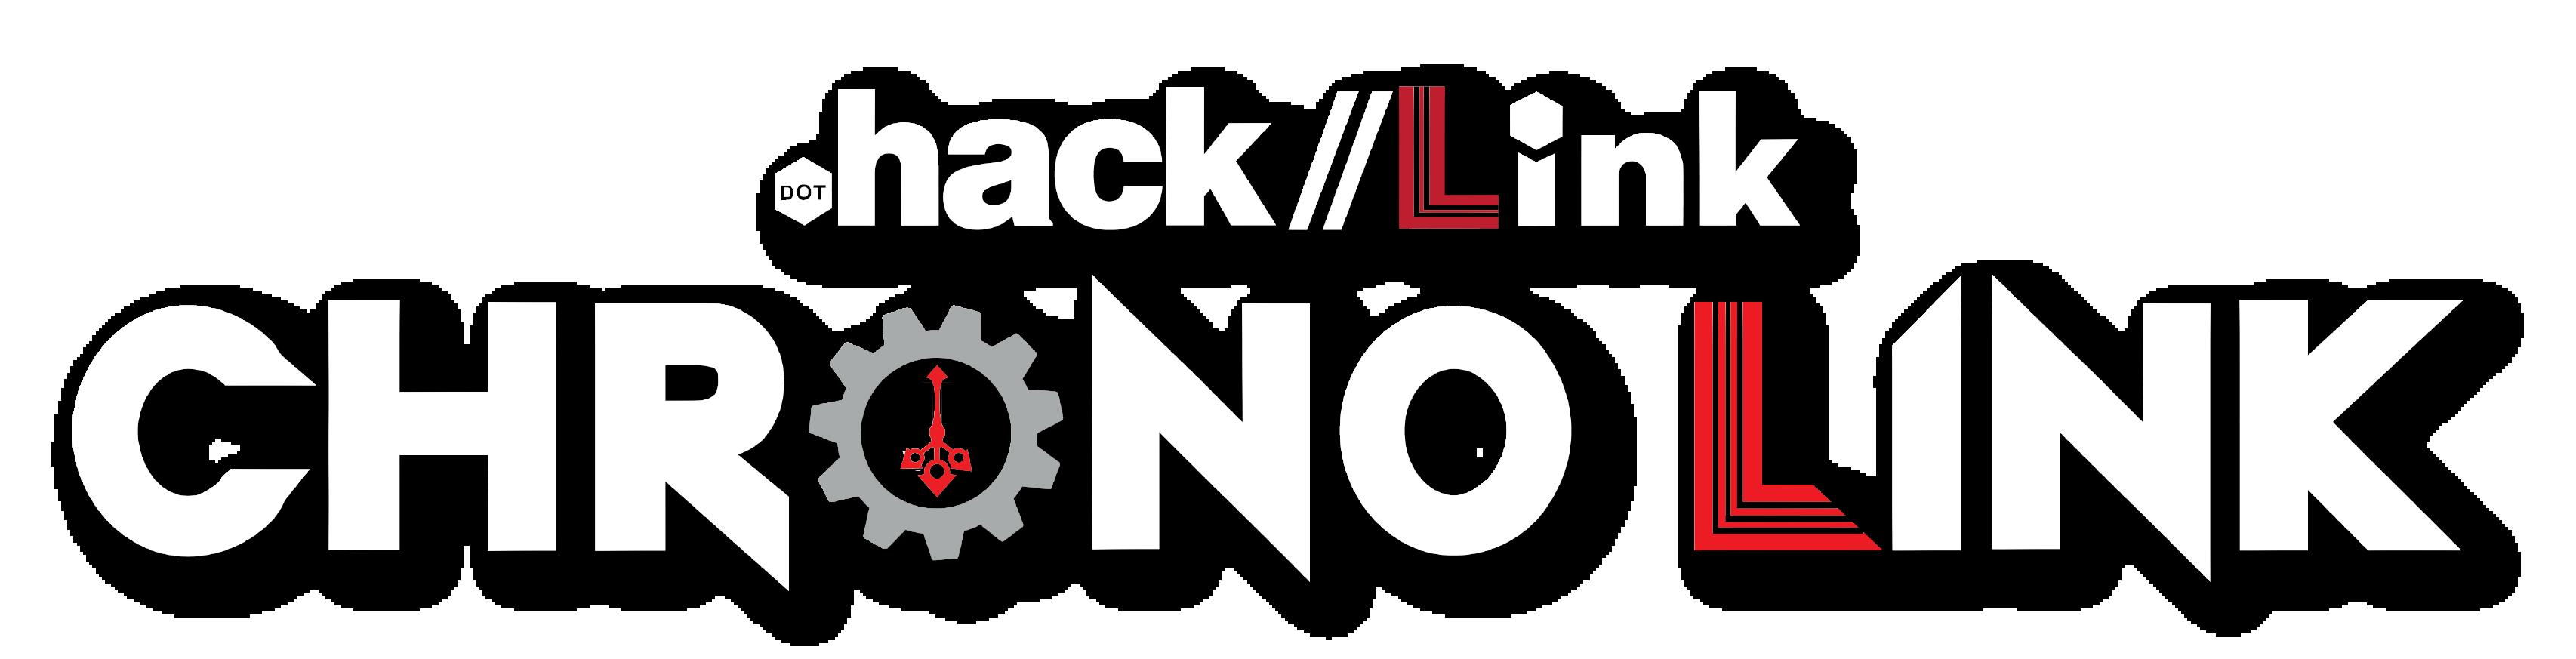 .hack//LINK -Chrono Link- (Remake)